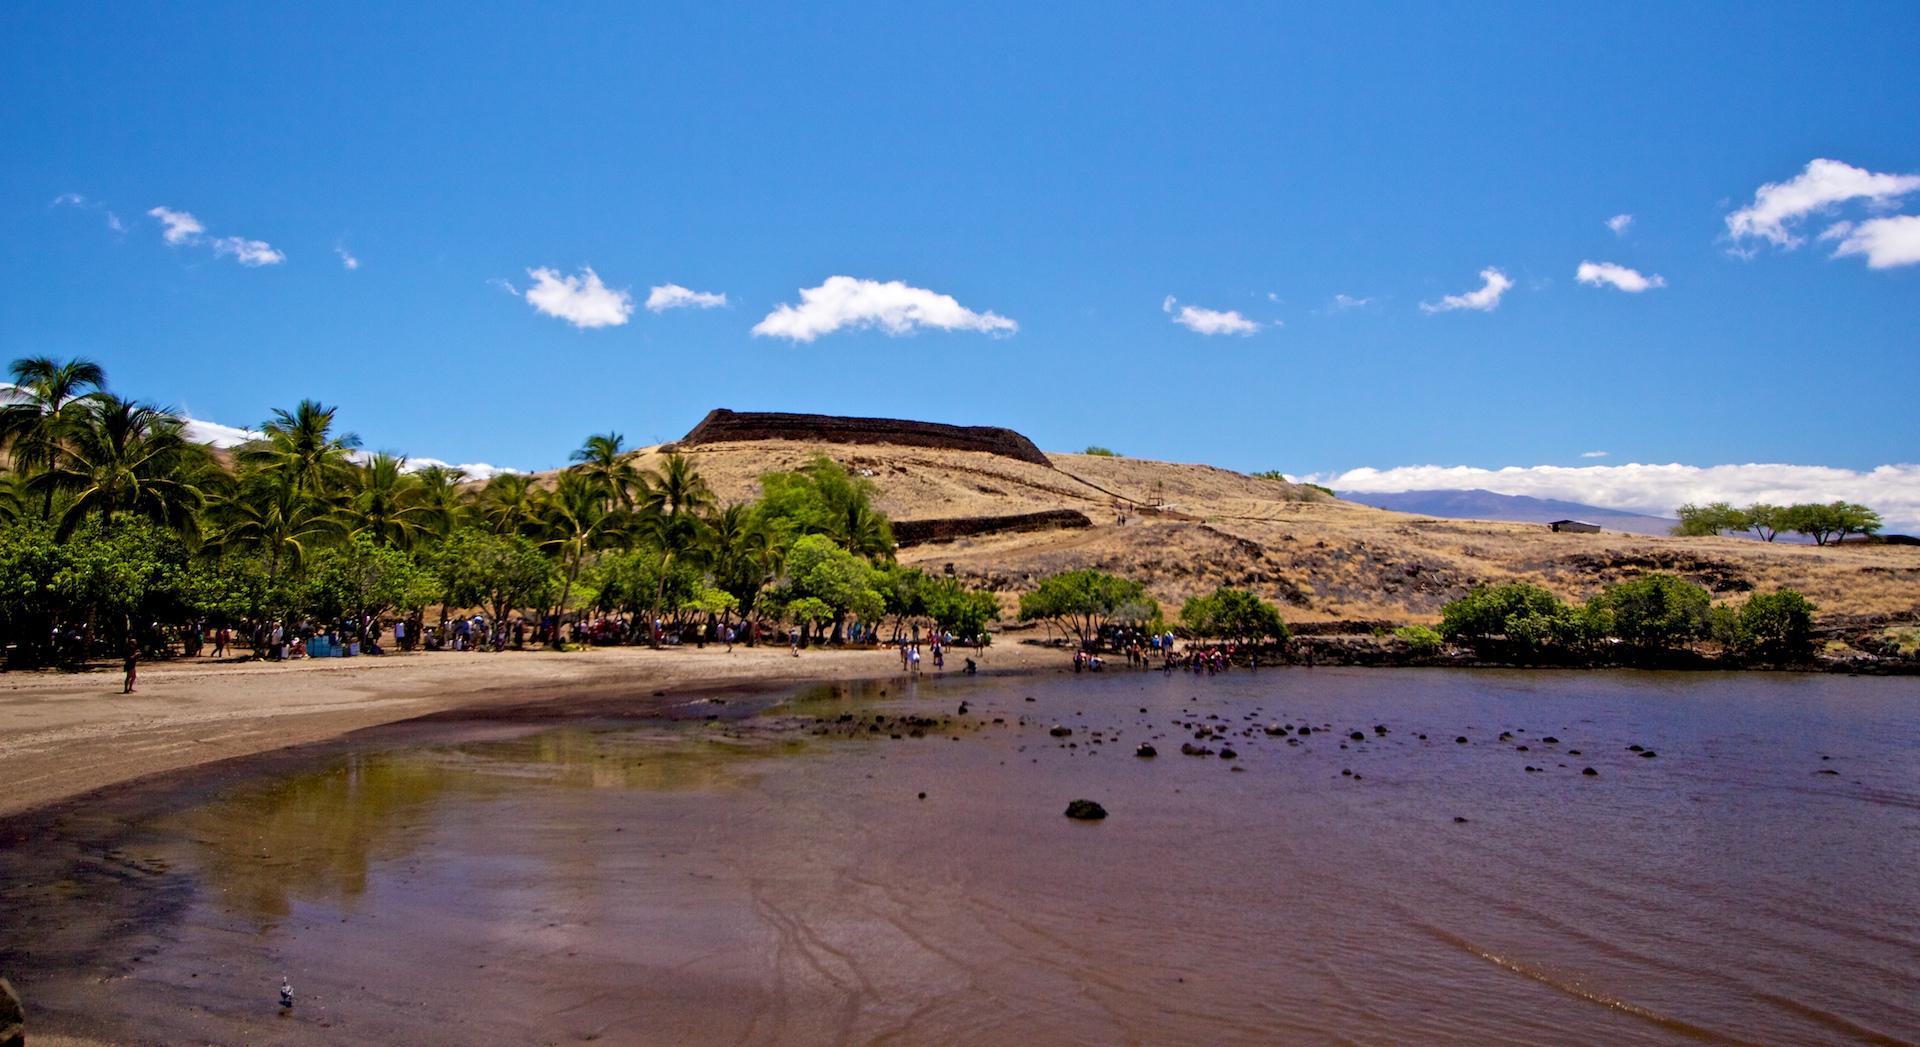 39th Annual Ho'oku'ikahi Establishment Day Hawaiian Cultural Festival at Pu'ukohola Heiau National Historic Site